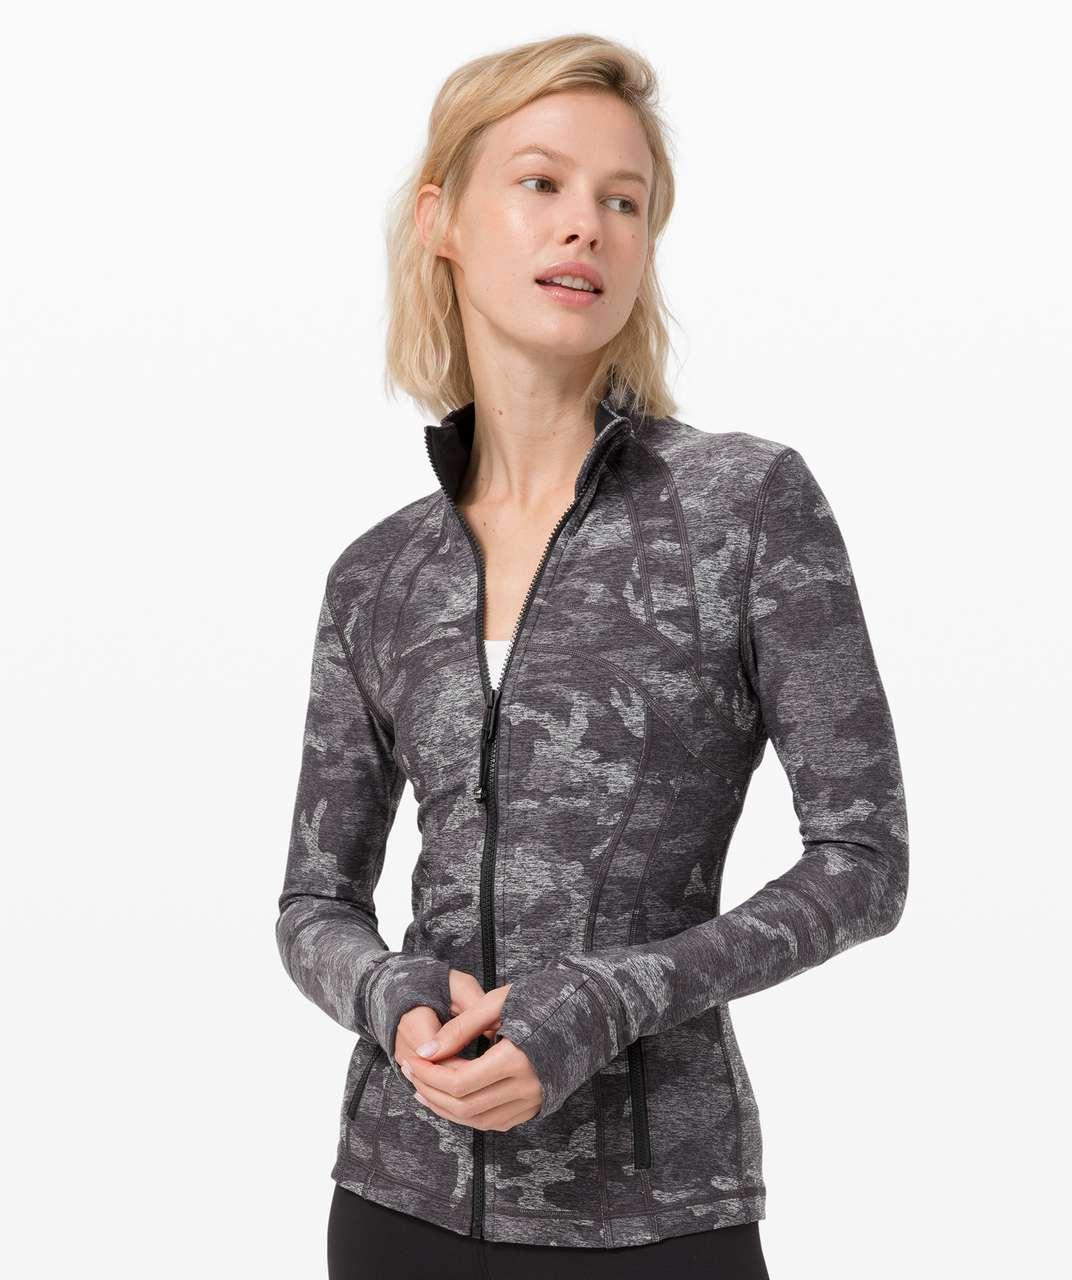 Lululemon Define Jacket *Rulu - Incognito Camo HTR Black